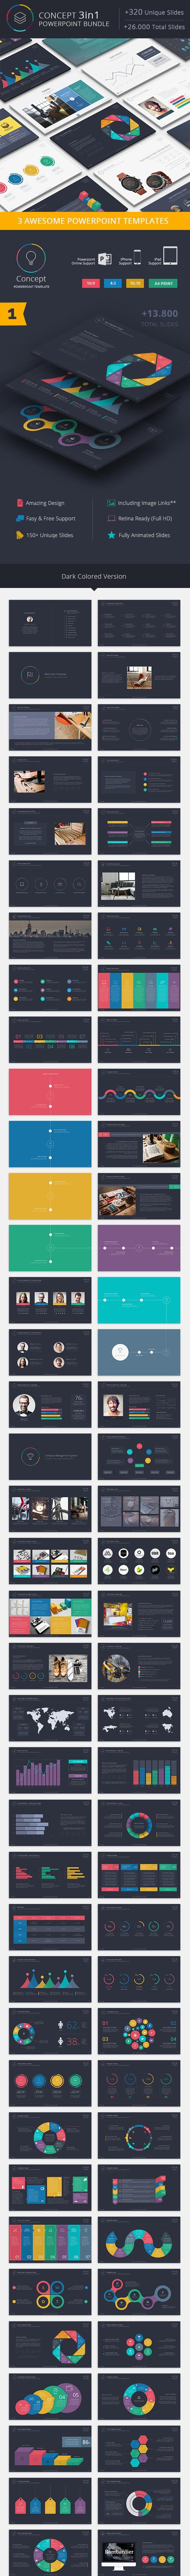 Concept Powerpoint Bundle - Creative PowerPoint Templates